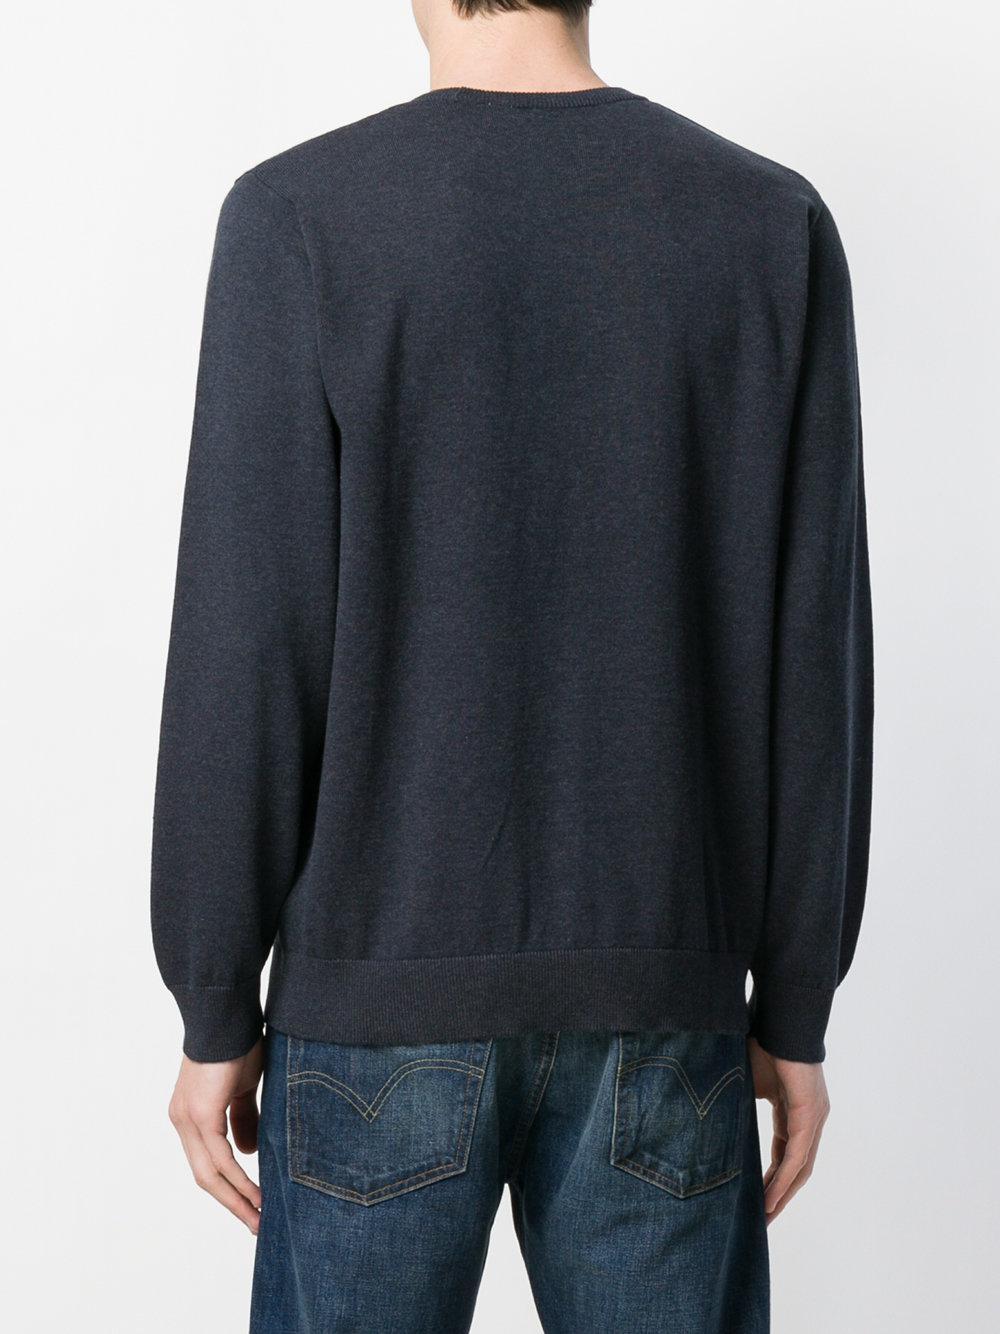 Carhartt Cotton Round Neck Jumper in Blue for Men